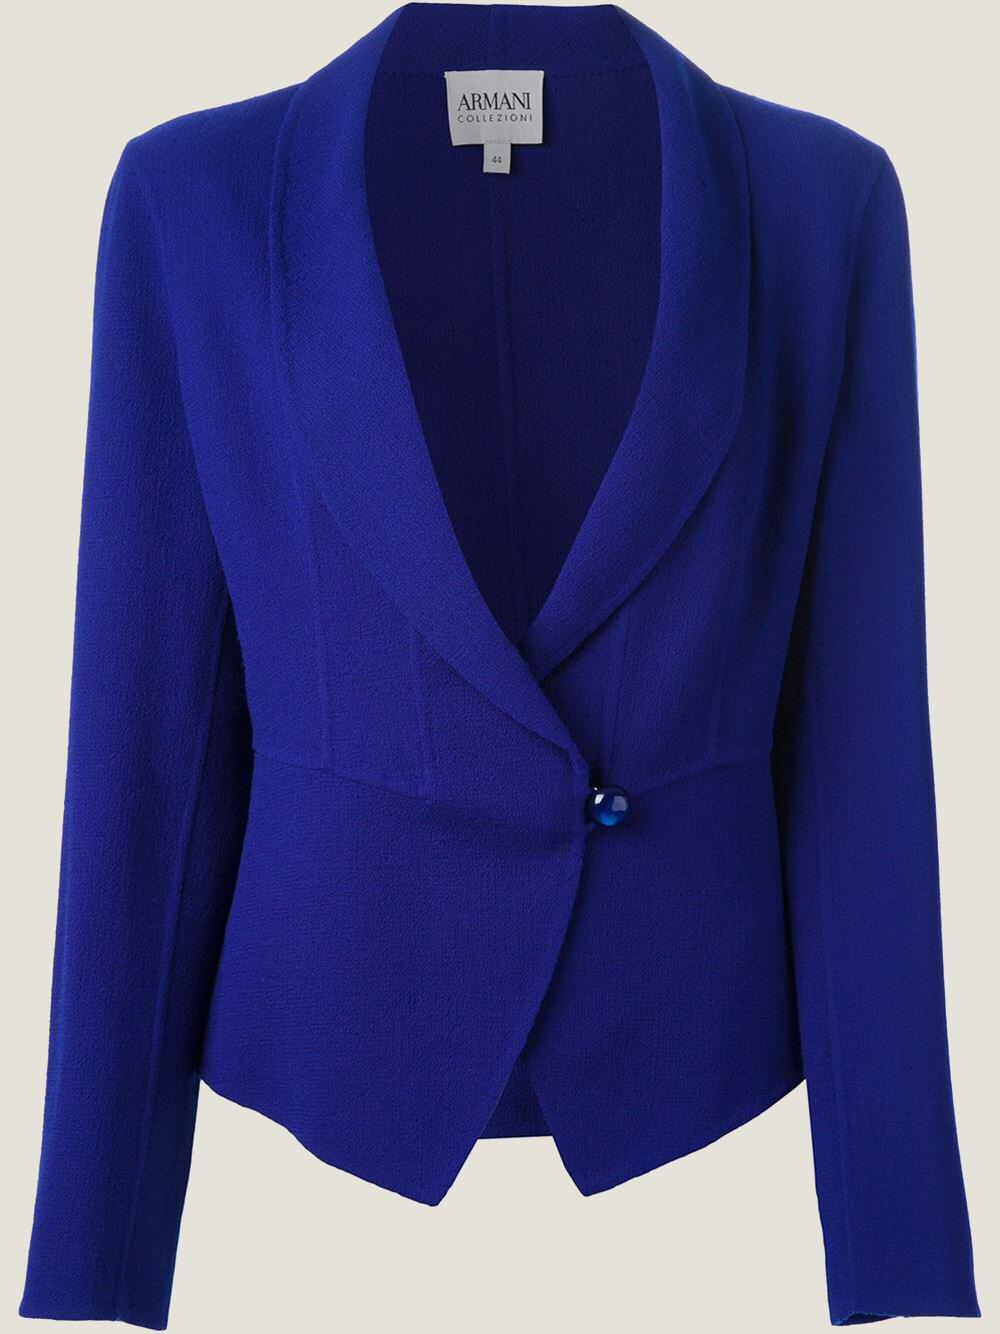 Armani Workwear 16-20